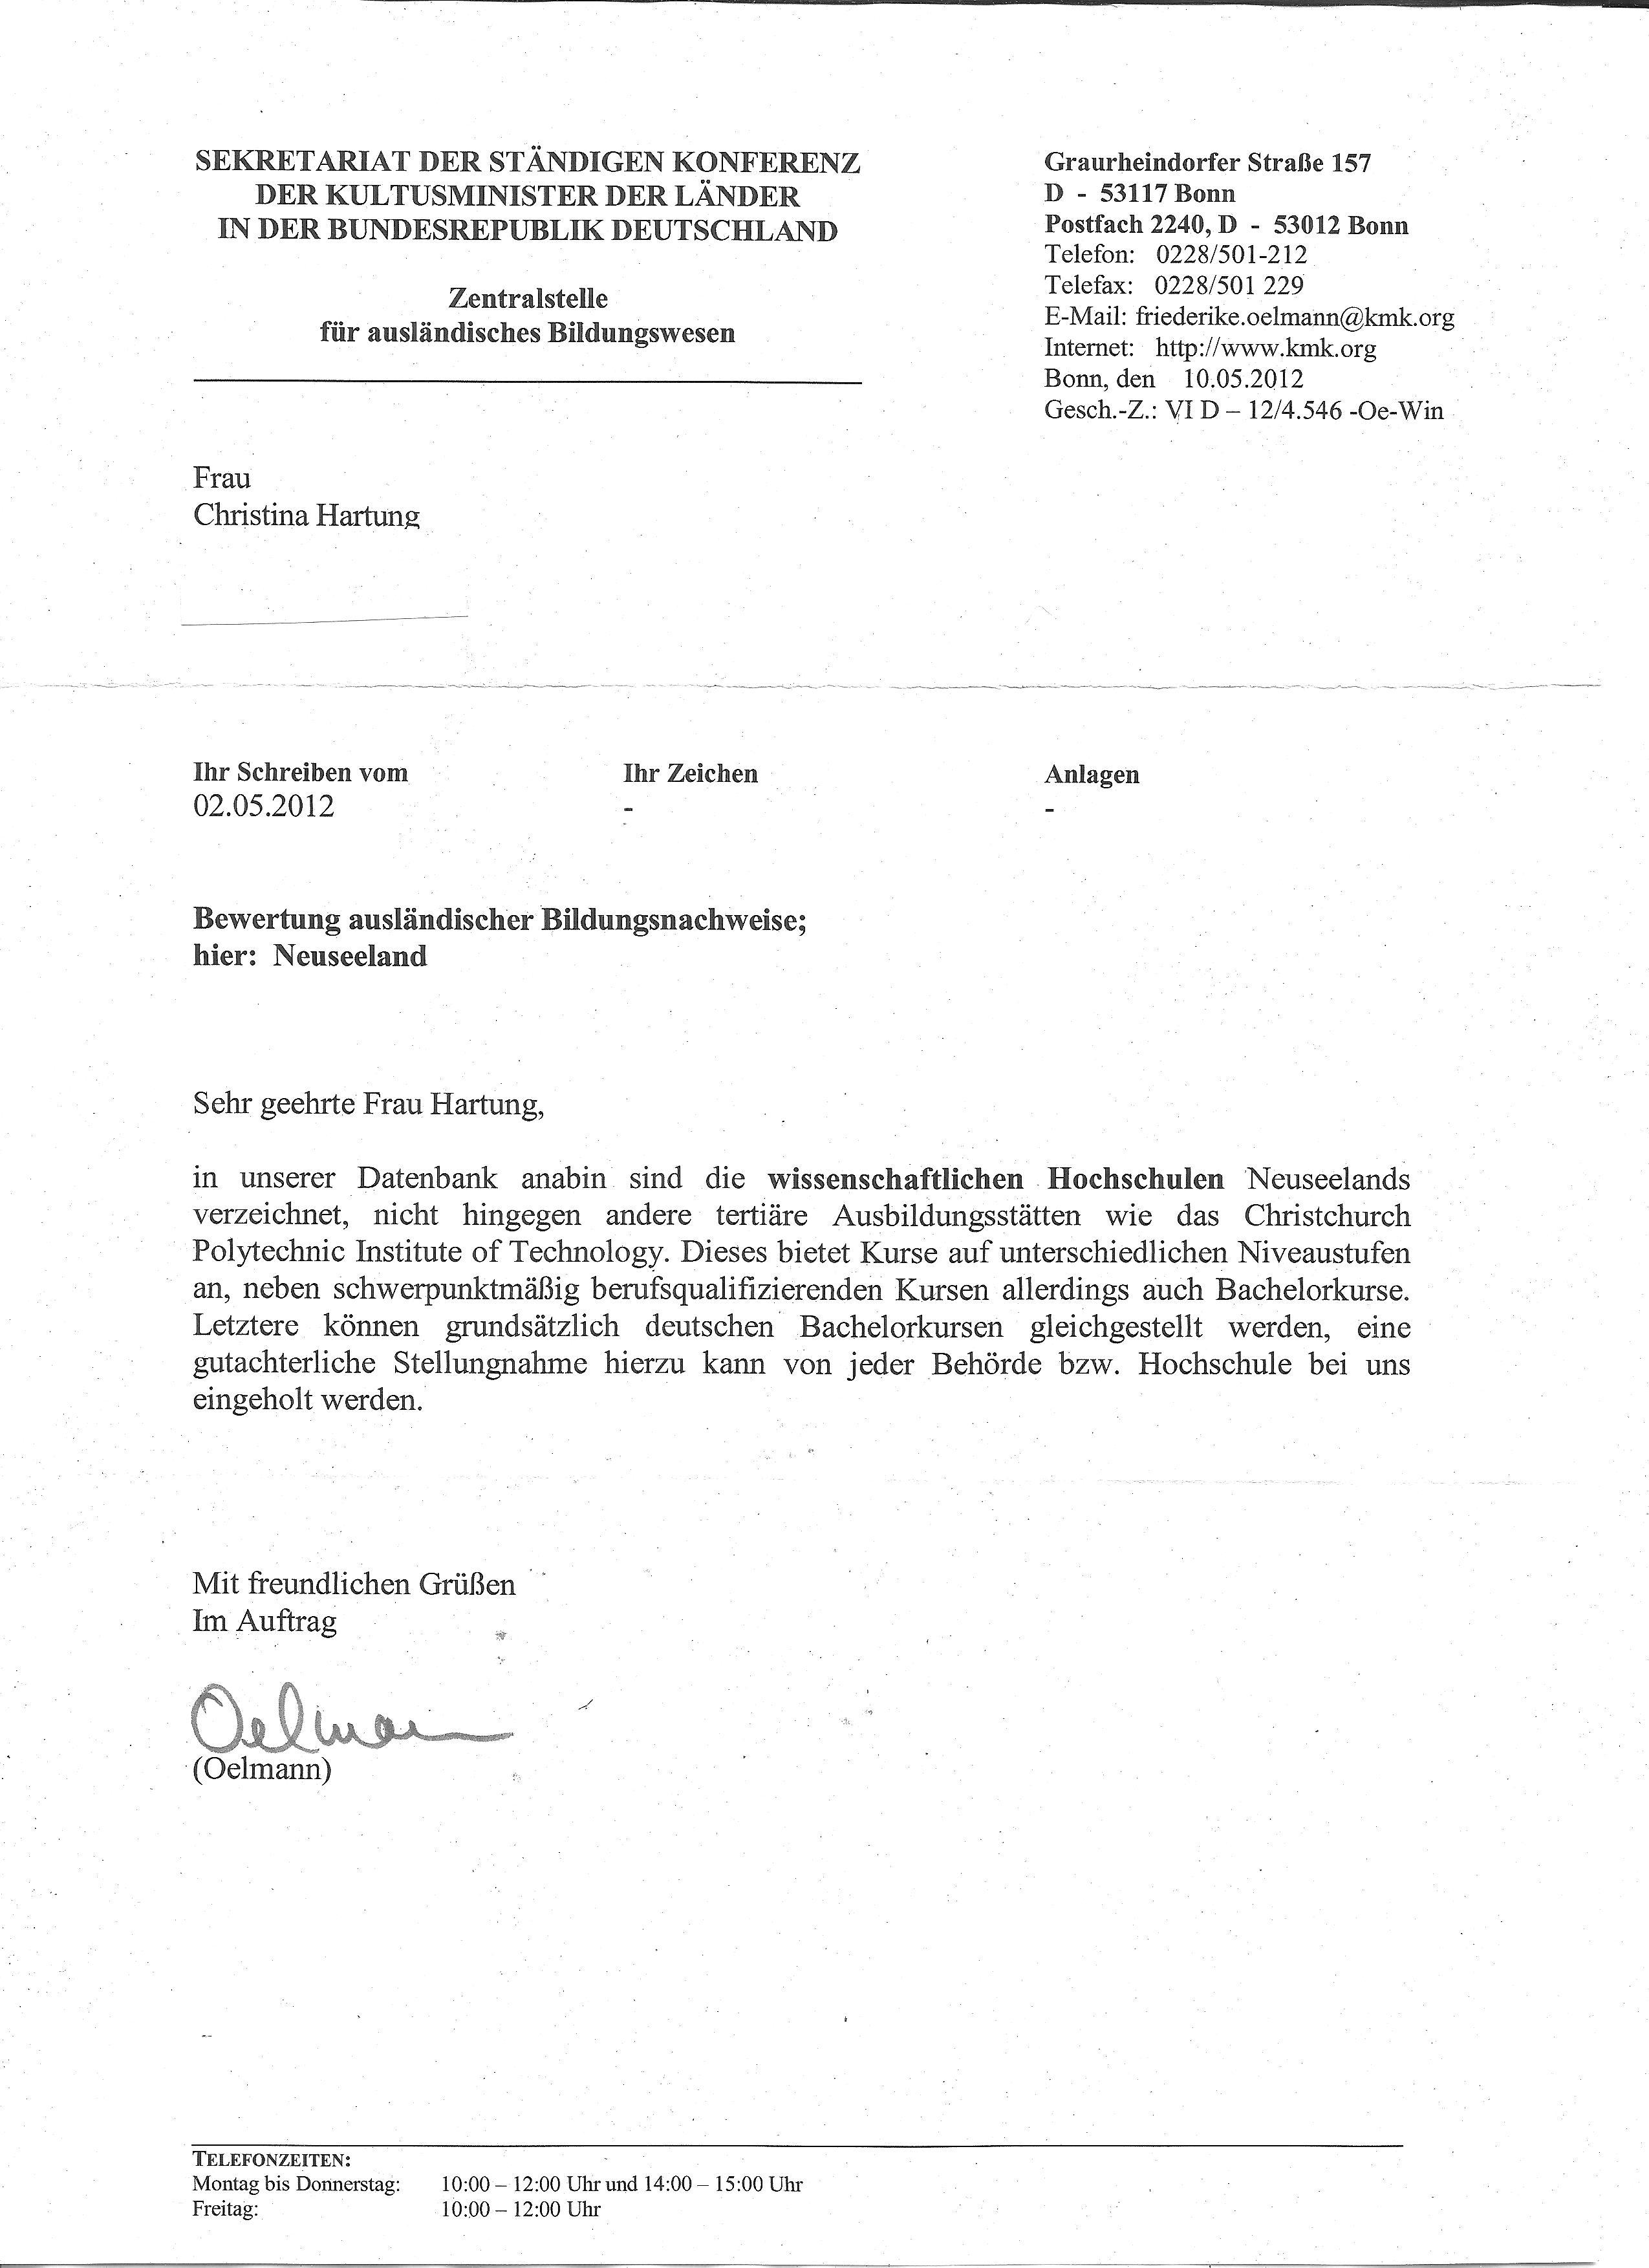 Beste Anschreiben Vorlage Nz Bilder - Entry Level Resume Vorlagen ...